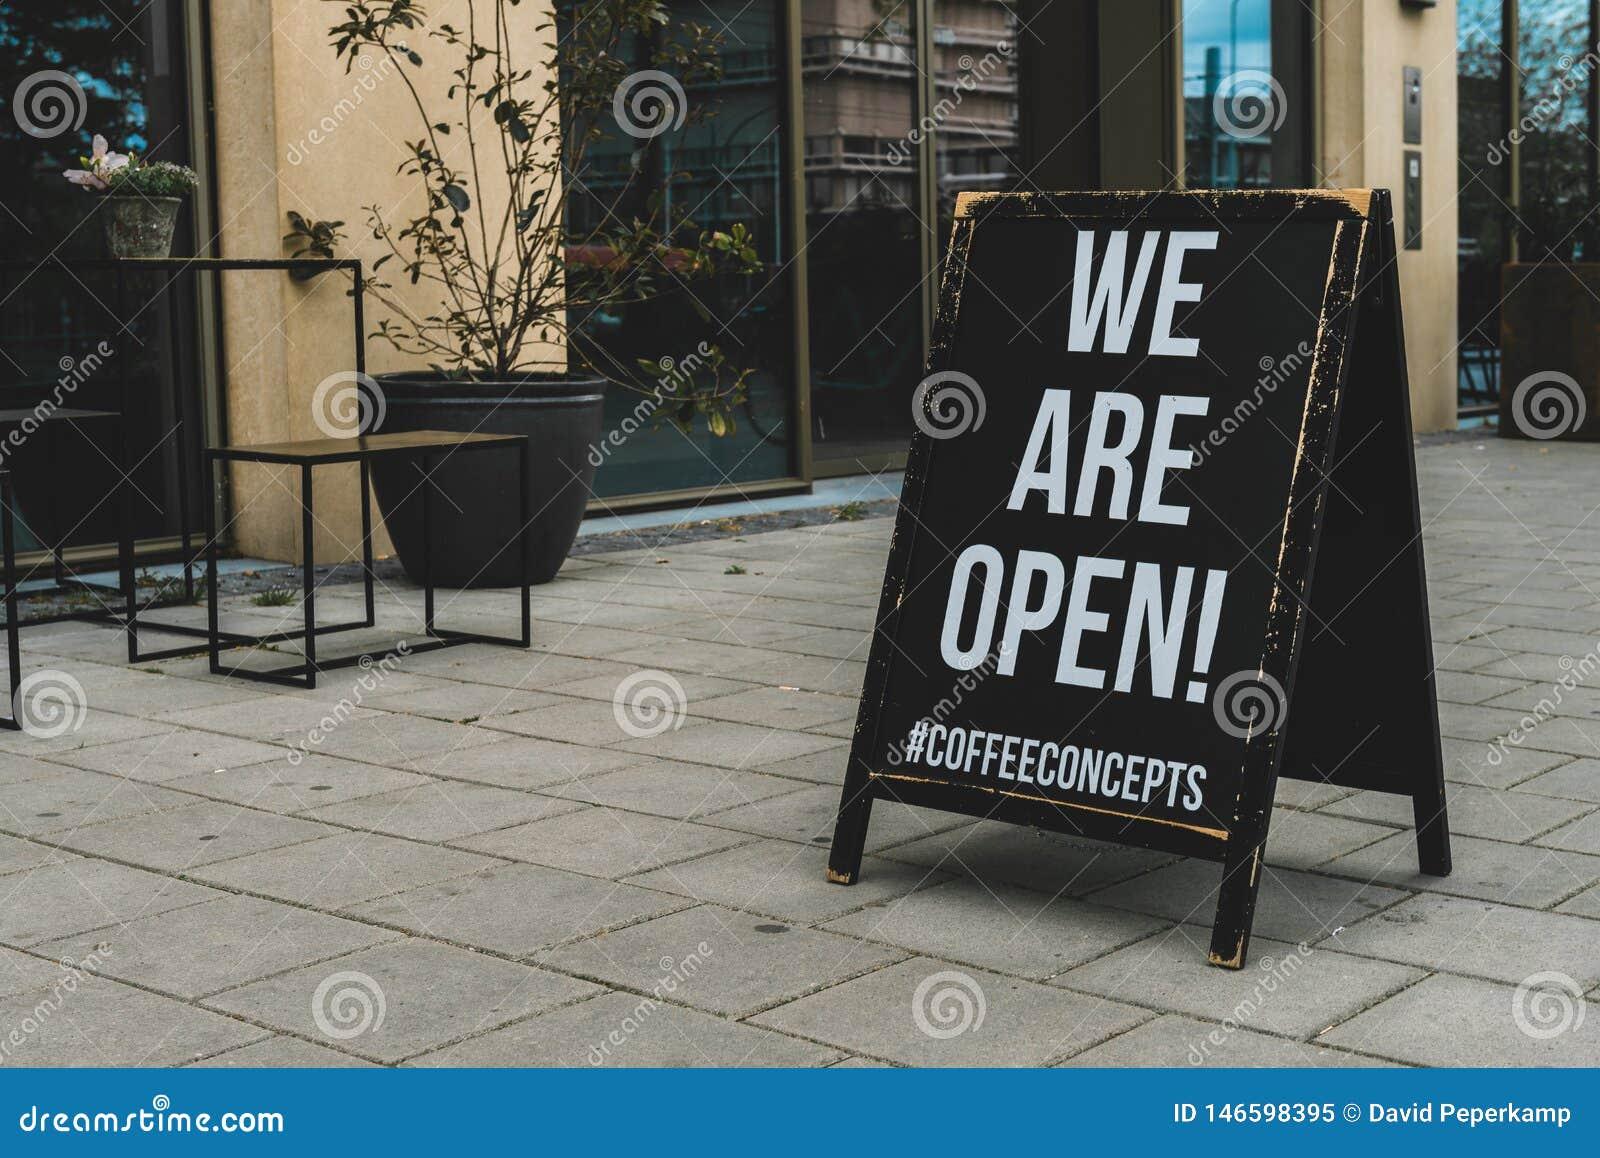 Koffieconcepten, koffiebar, zijn wij open stoepraad, Parnassusweg Amsterdam